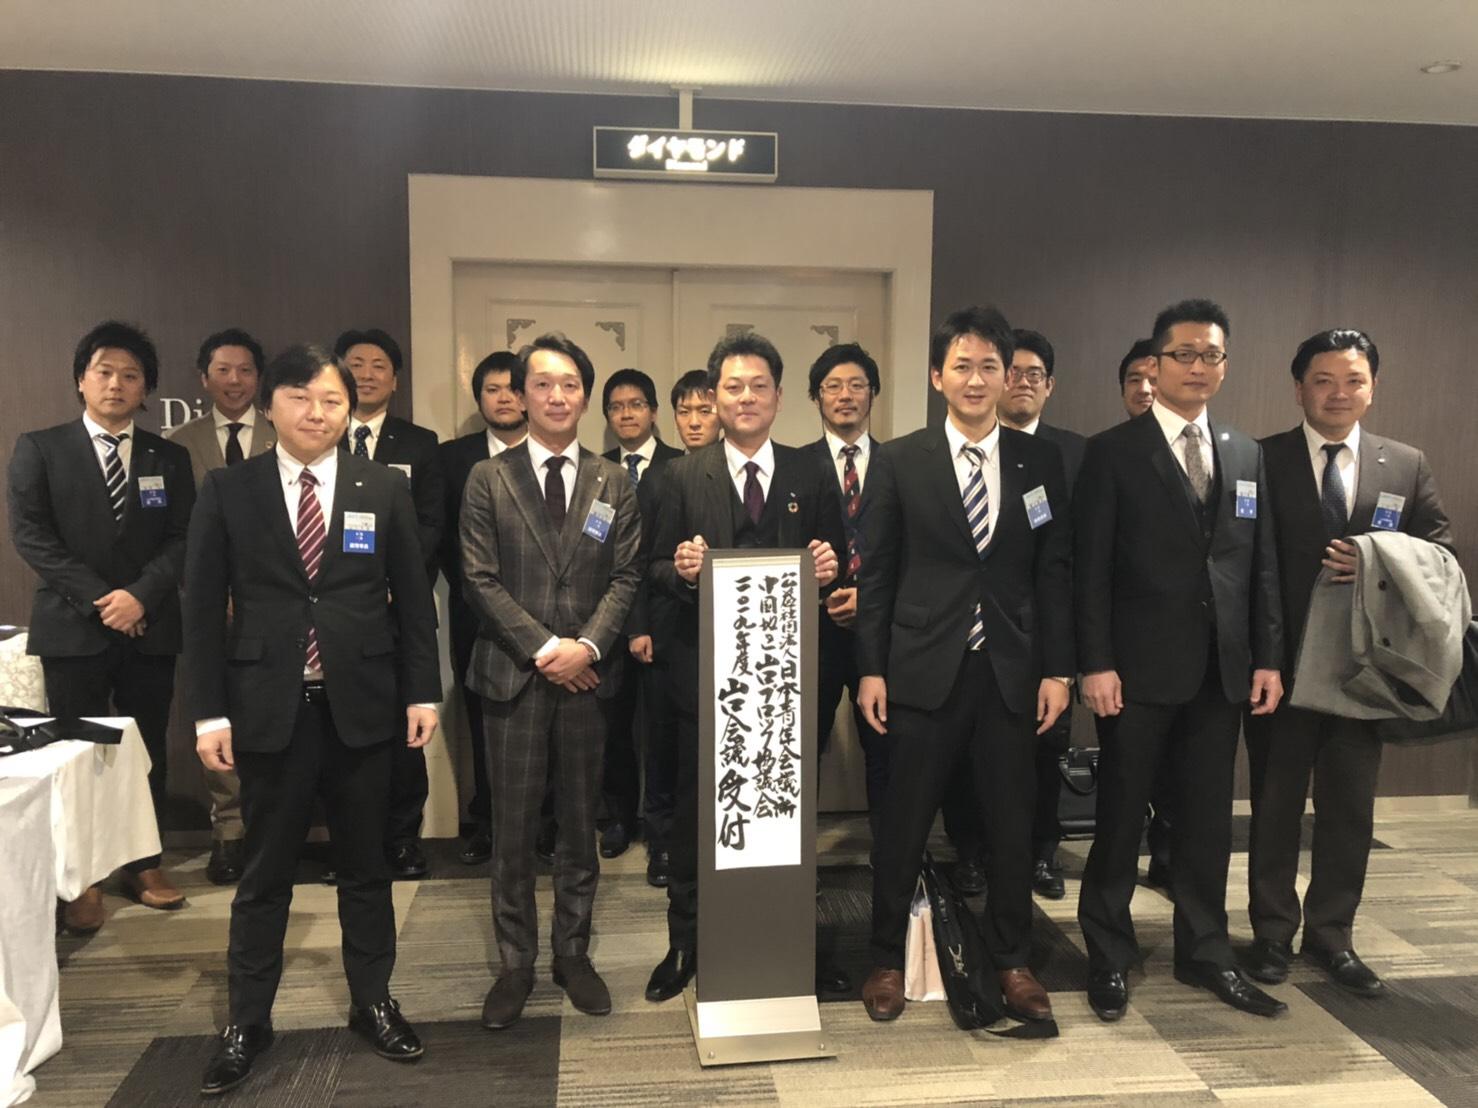 公益社団法人 日本青年会議所 中国地区 山口ブロック協議会 2019年度 山口会議